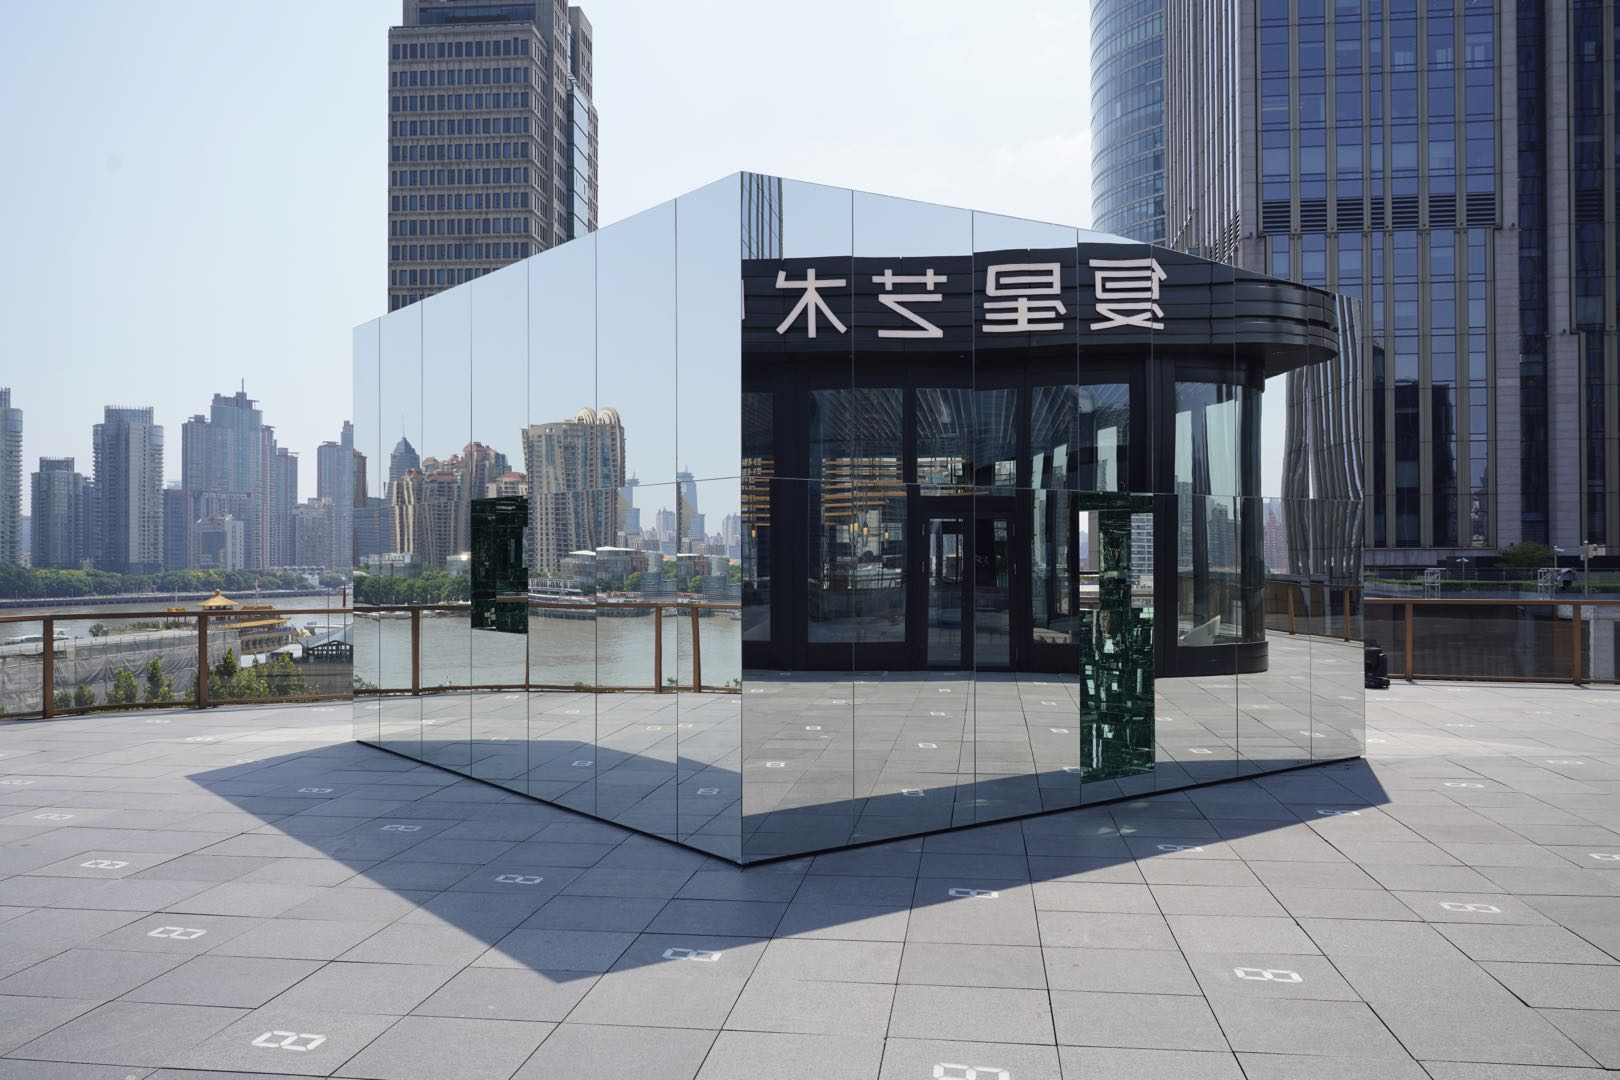 5.张鼎:控制俱乐部,复星艺术中心,2020(图片版权:张鼎工作室)